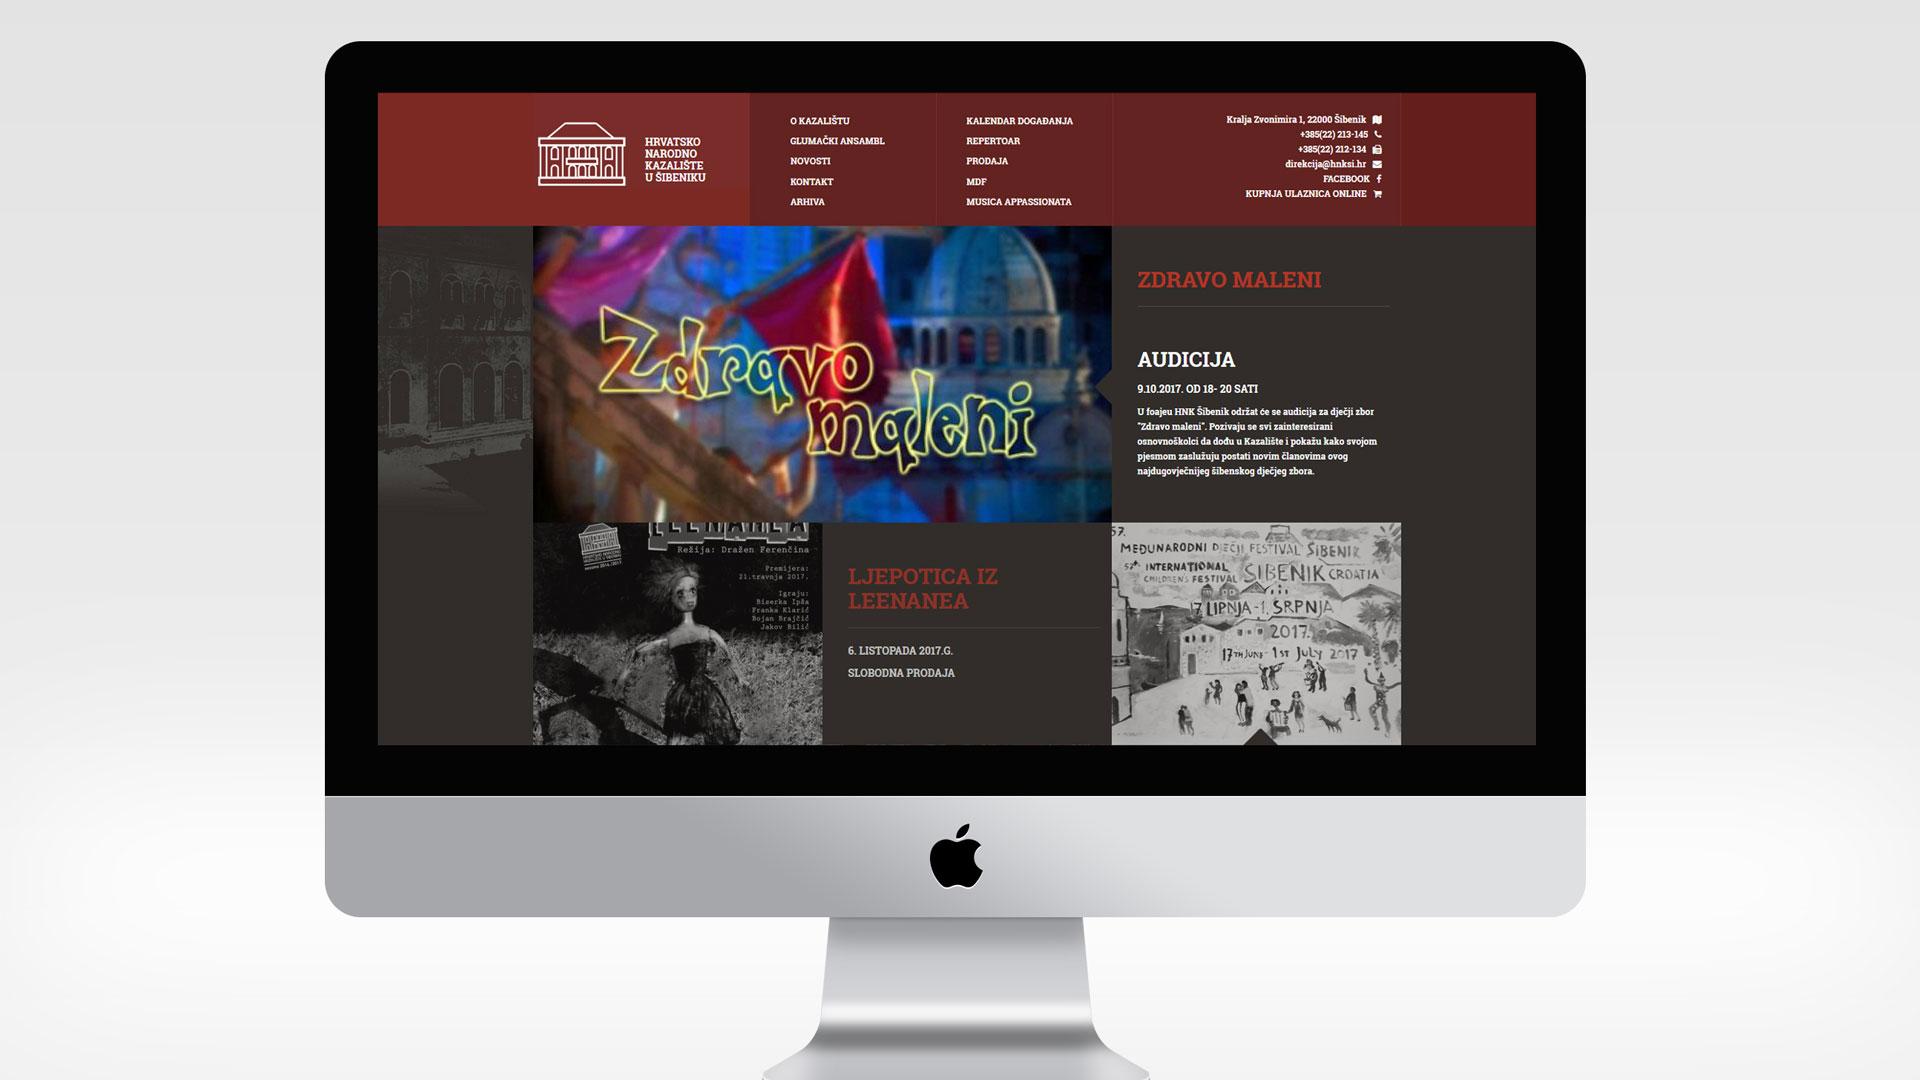 Internetska stranica kazališta